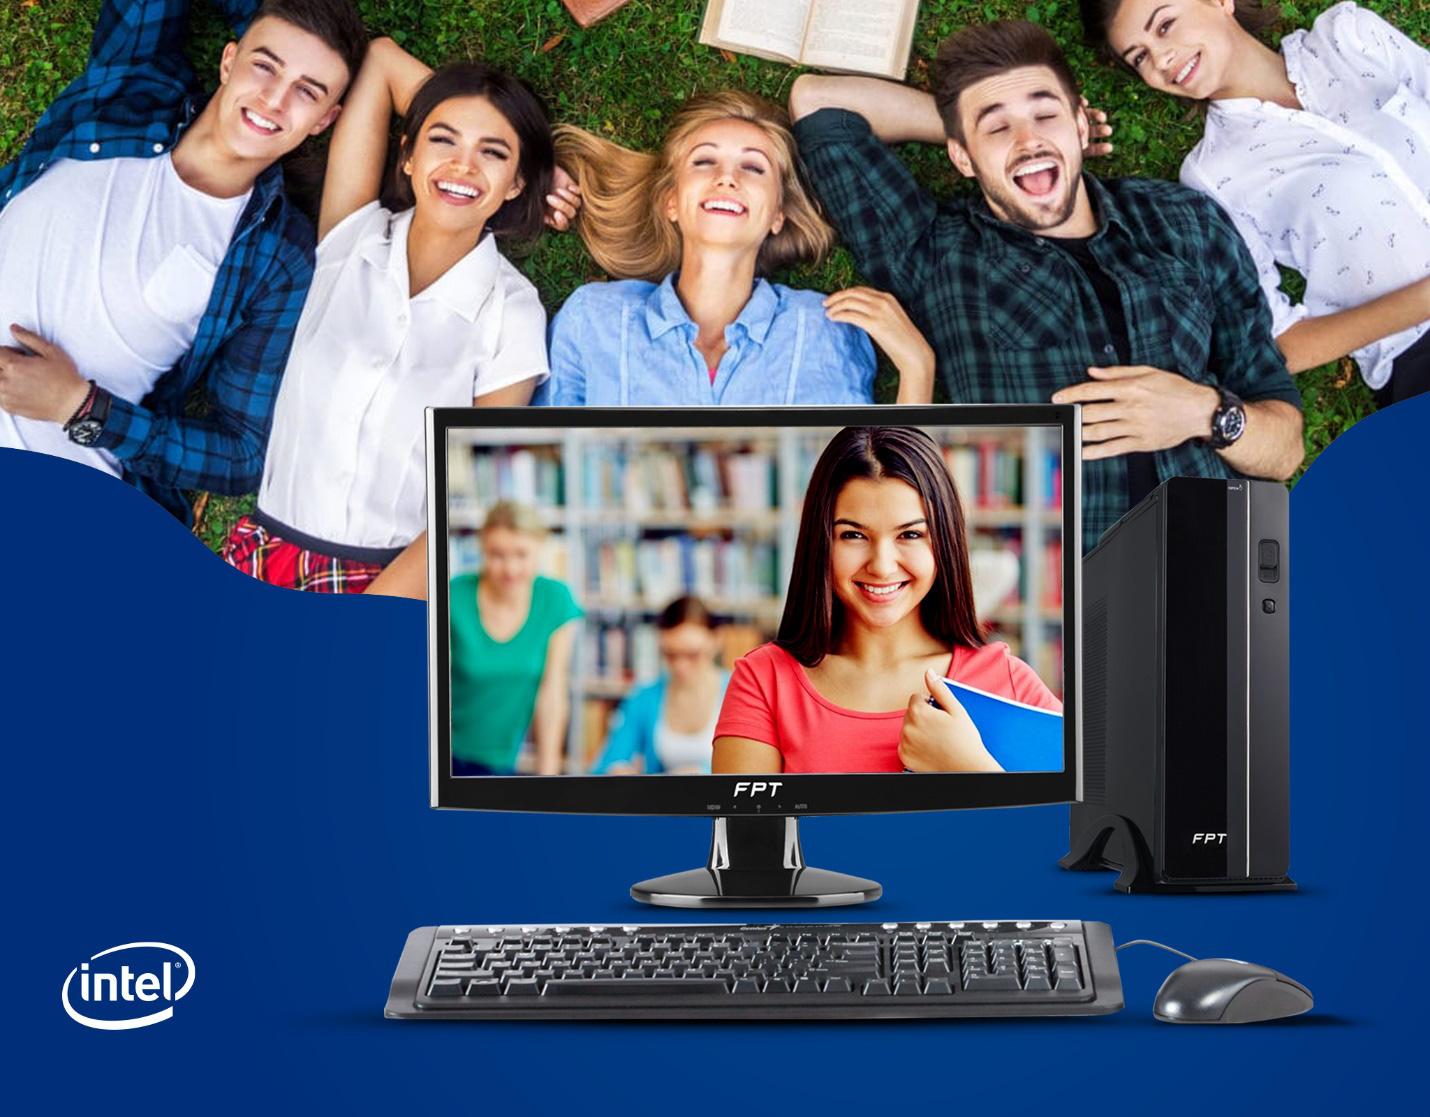 Top 5 máy tính FPT Elead chip Intel hút hàng trong mùa tựu trường - Ảnh 6.